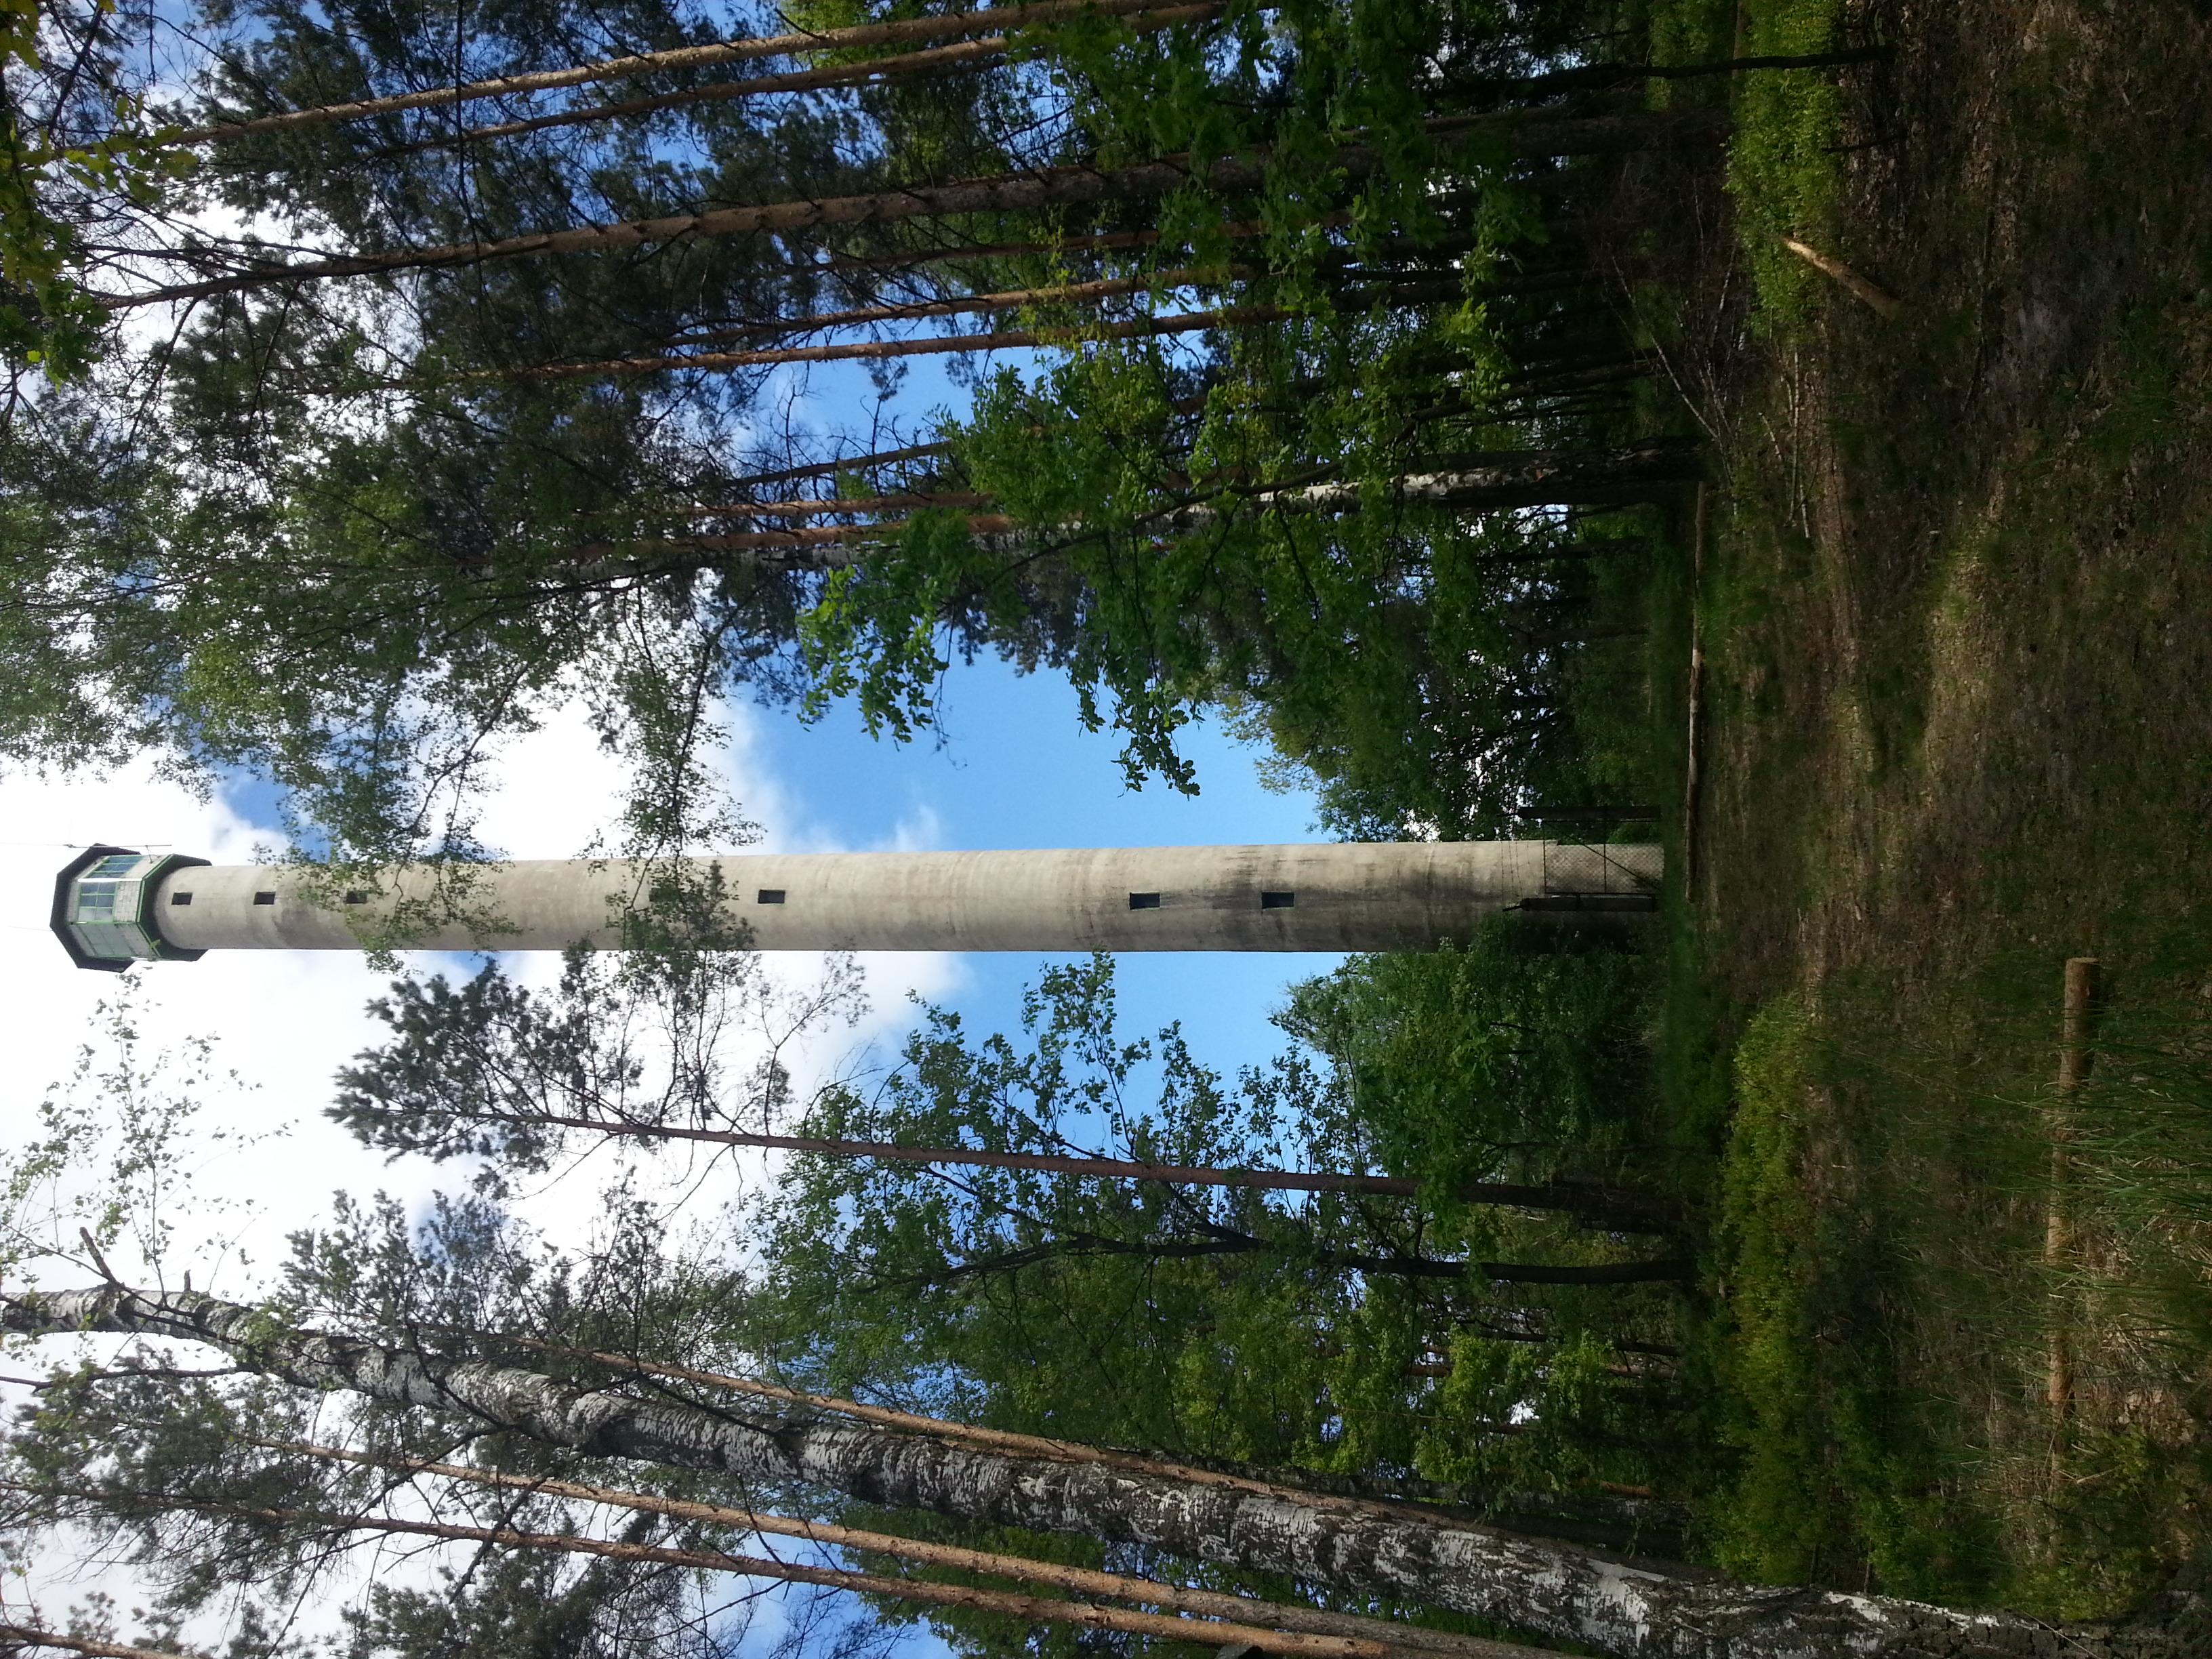 leśna wieża obserwacyjna w Truszczycy (Kalety)